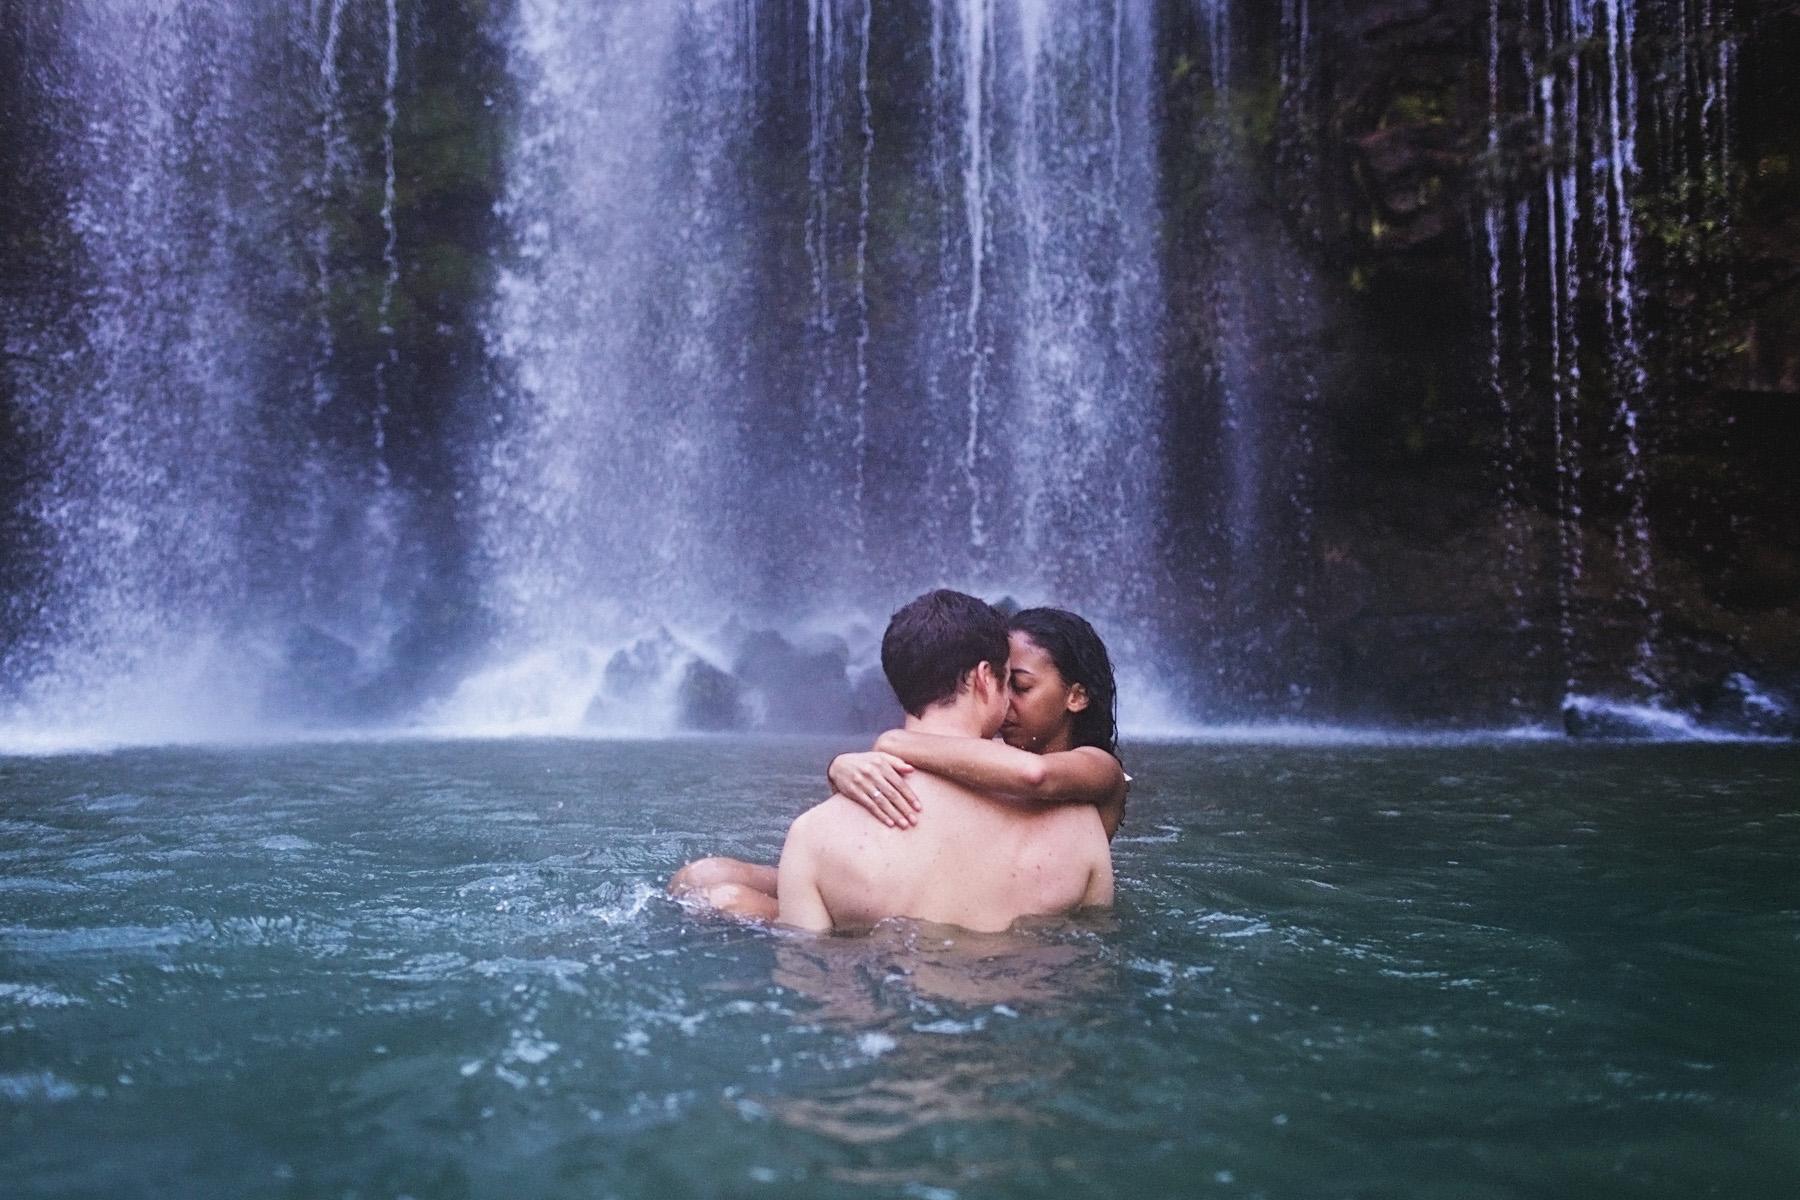 летом стволы пары у водопада фотографии ними продается, доход